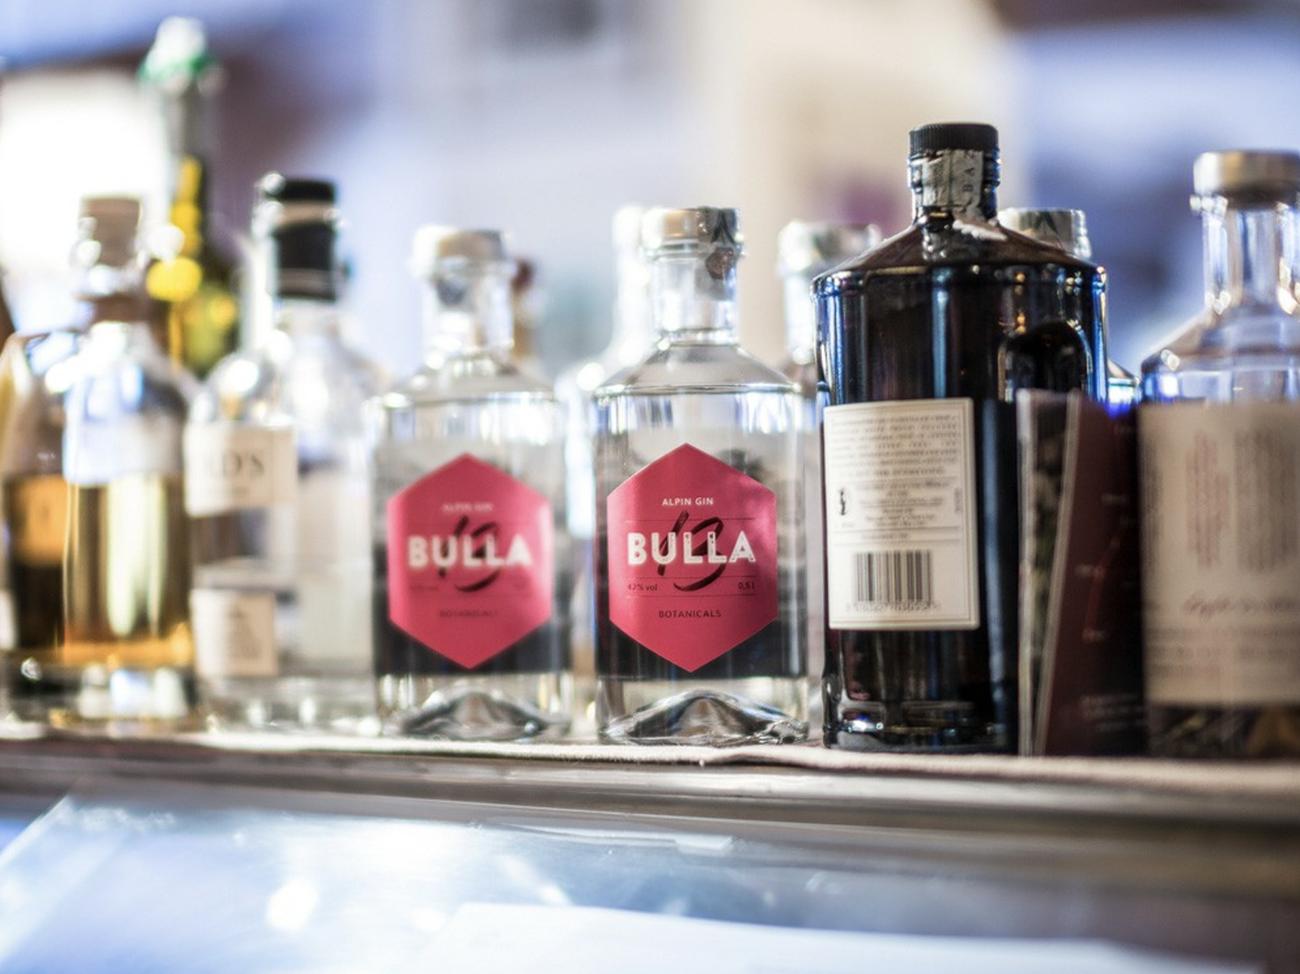 Bulla Gin